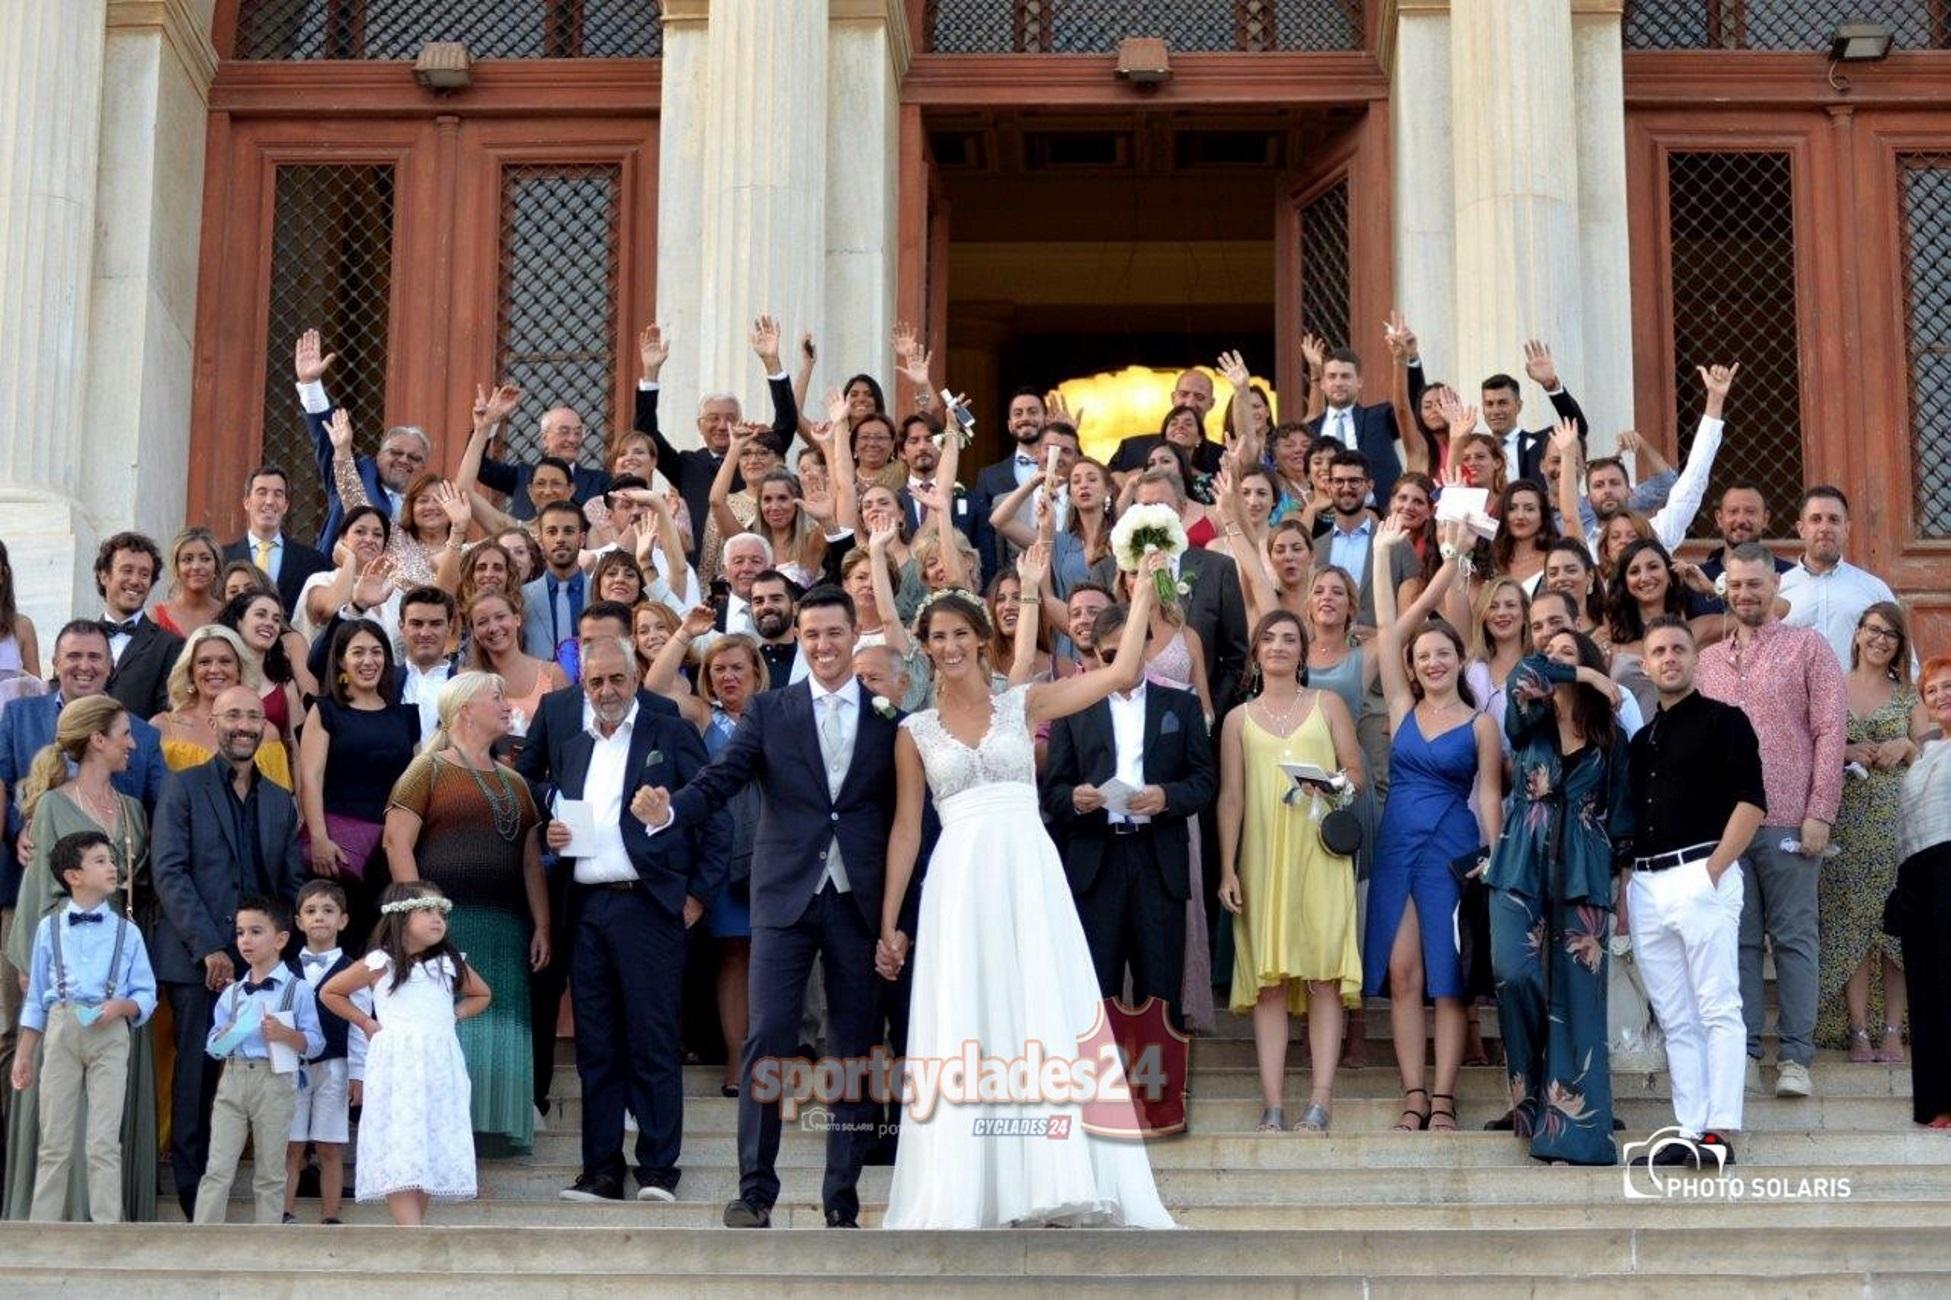 Σύρος: Η νύφη, ο γαμπρός και η μεγάλη έκπληξη – Στις φωτογραφίες δεν ήταν μόνο συγγενείς και φίλοι!